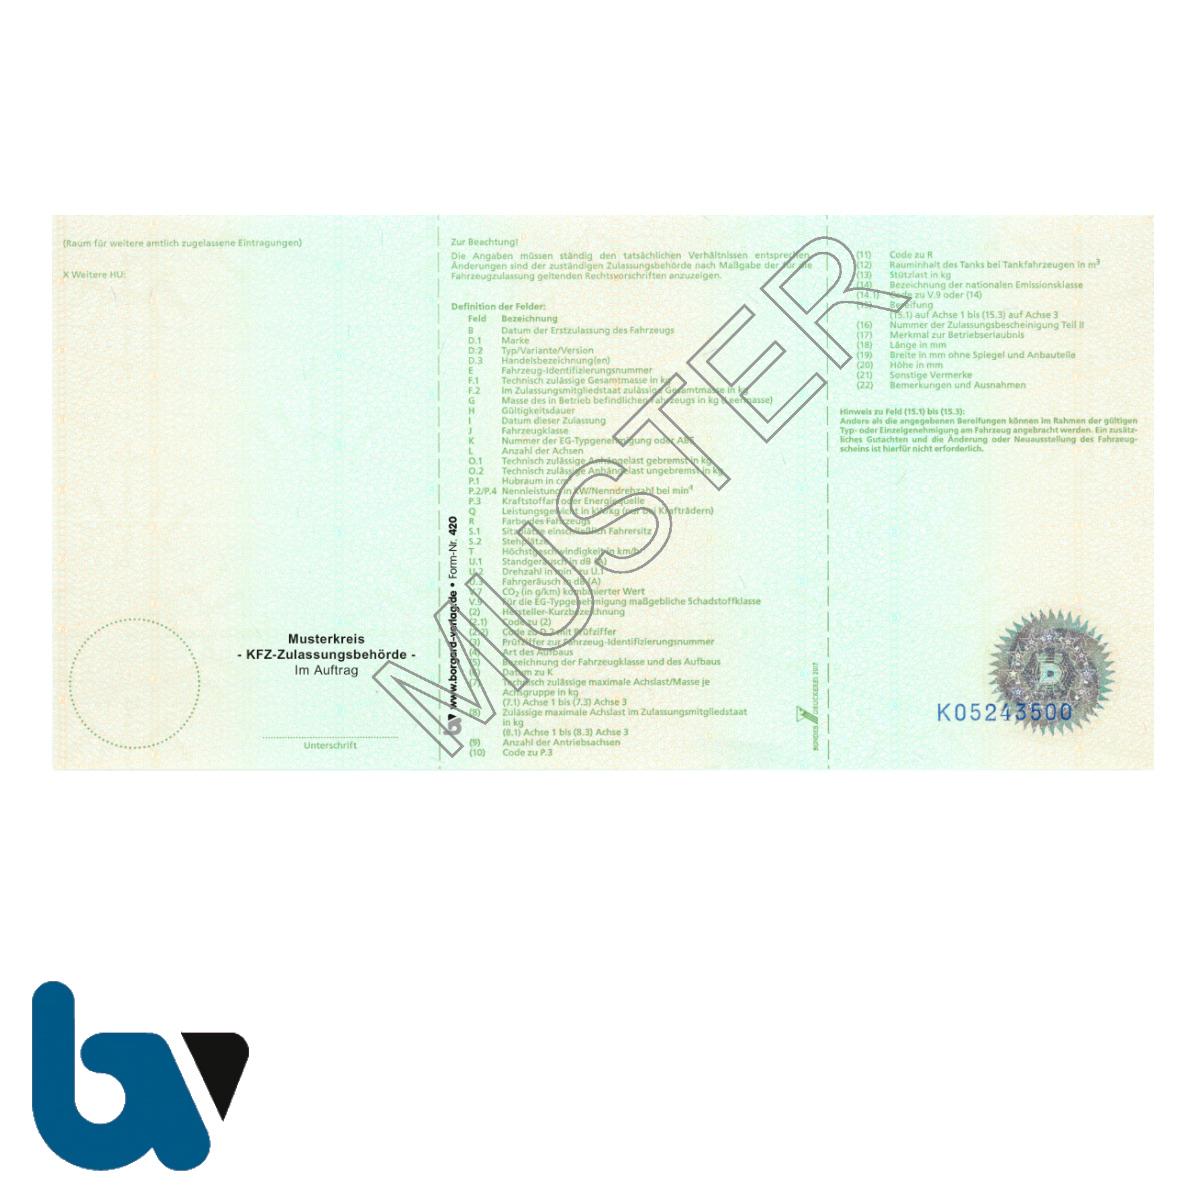 420 Fahrzeugschein für Fahrzeuge mit Kurzzeitkennzeichen Anlage 10 Paragraph 16a Absatz 5 FZV Fahrzeug Zulassungsverordnung Neobond | Borgard Verlag GmbH